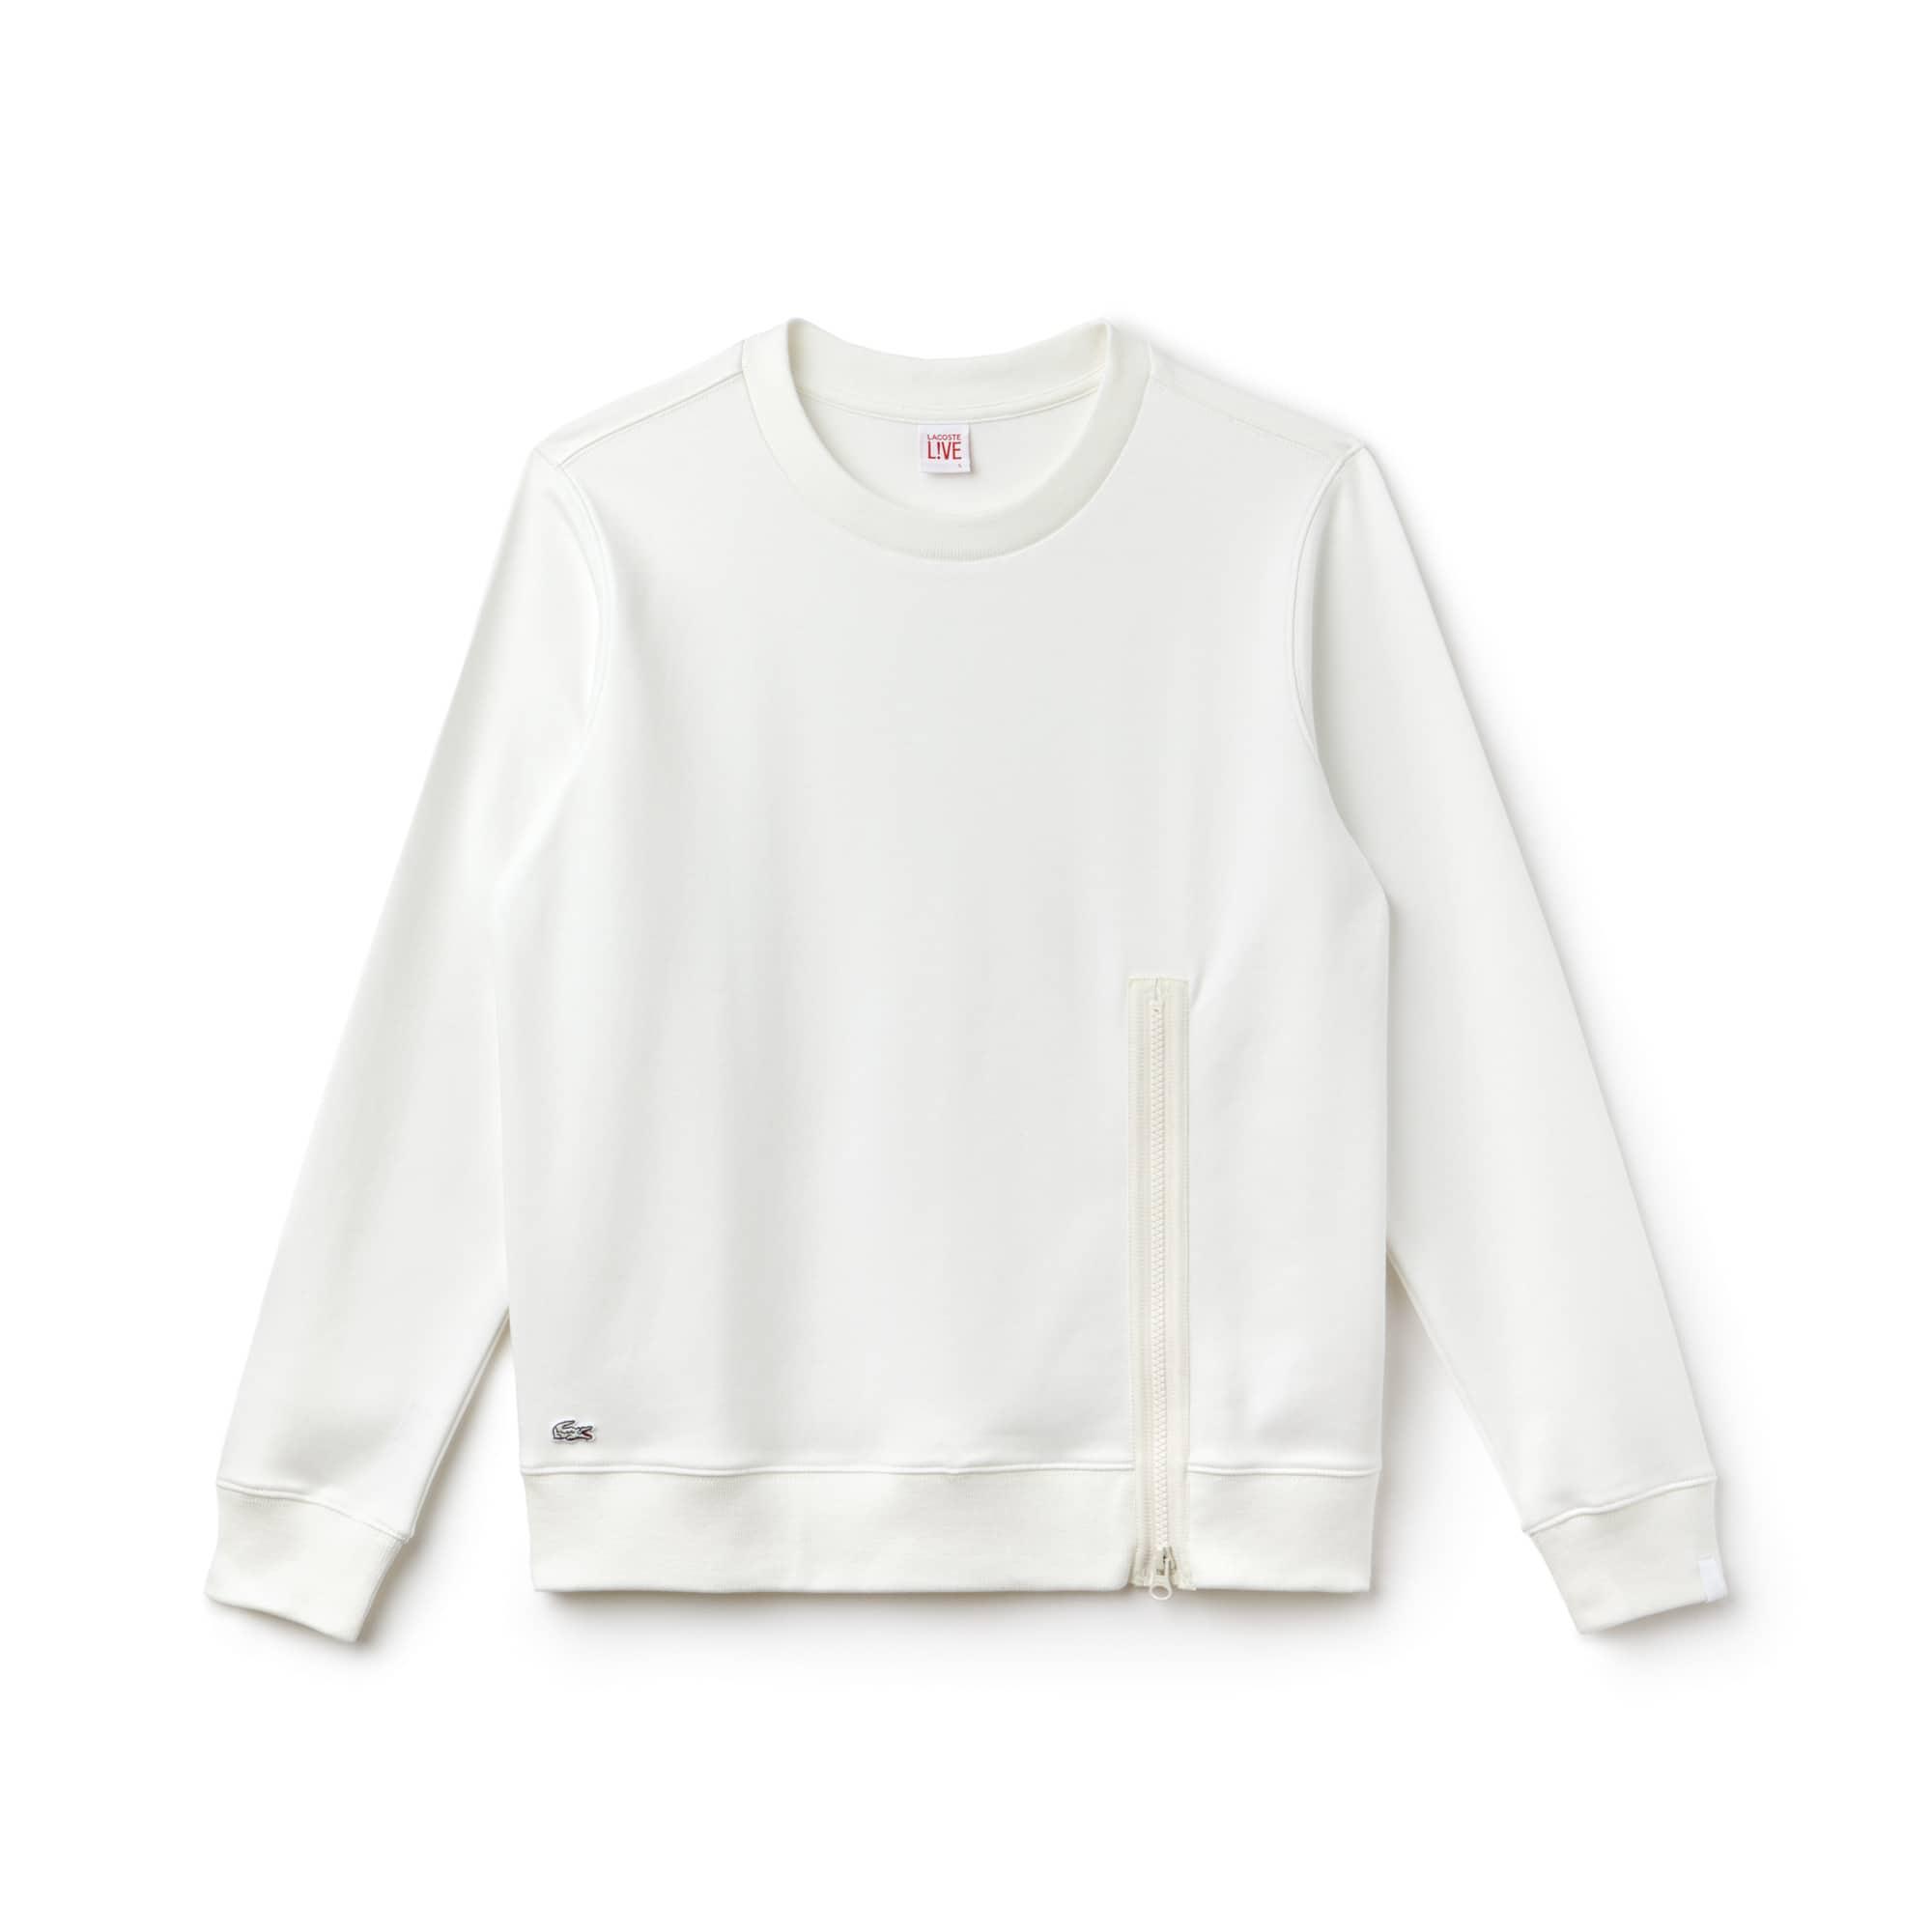 Lacoste LIVE-sweatshirt dames ronde hals interlock met rits